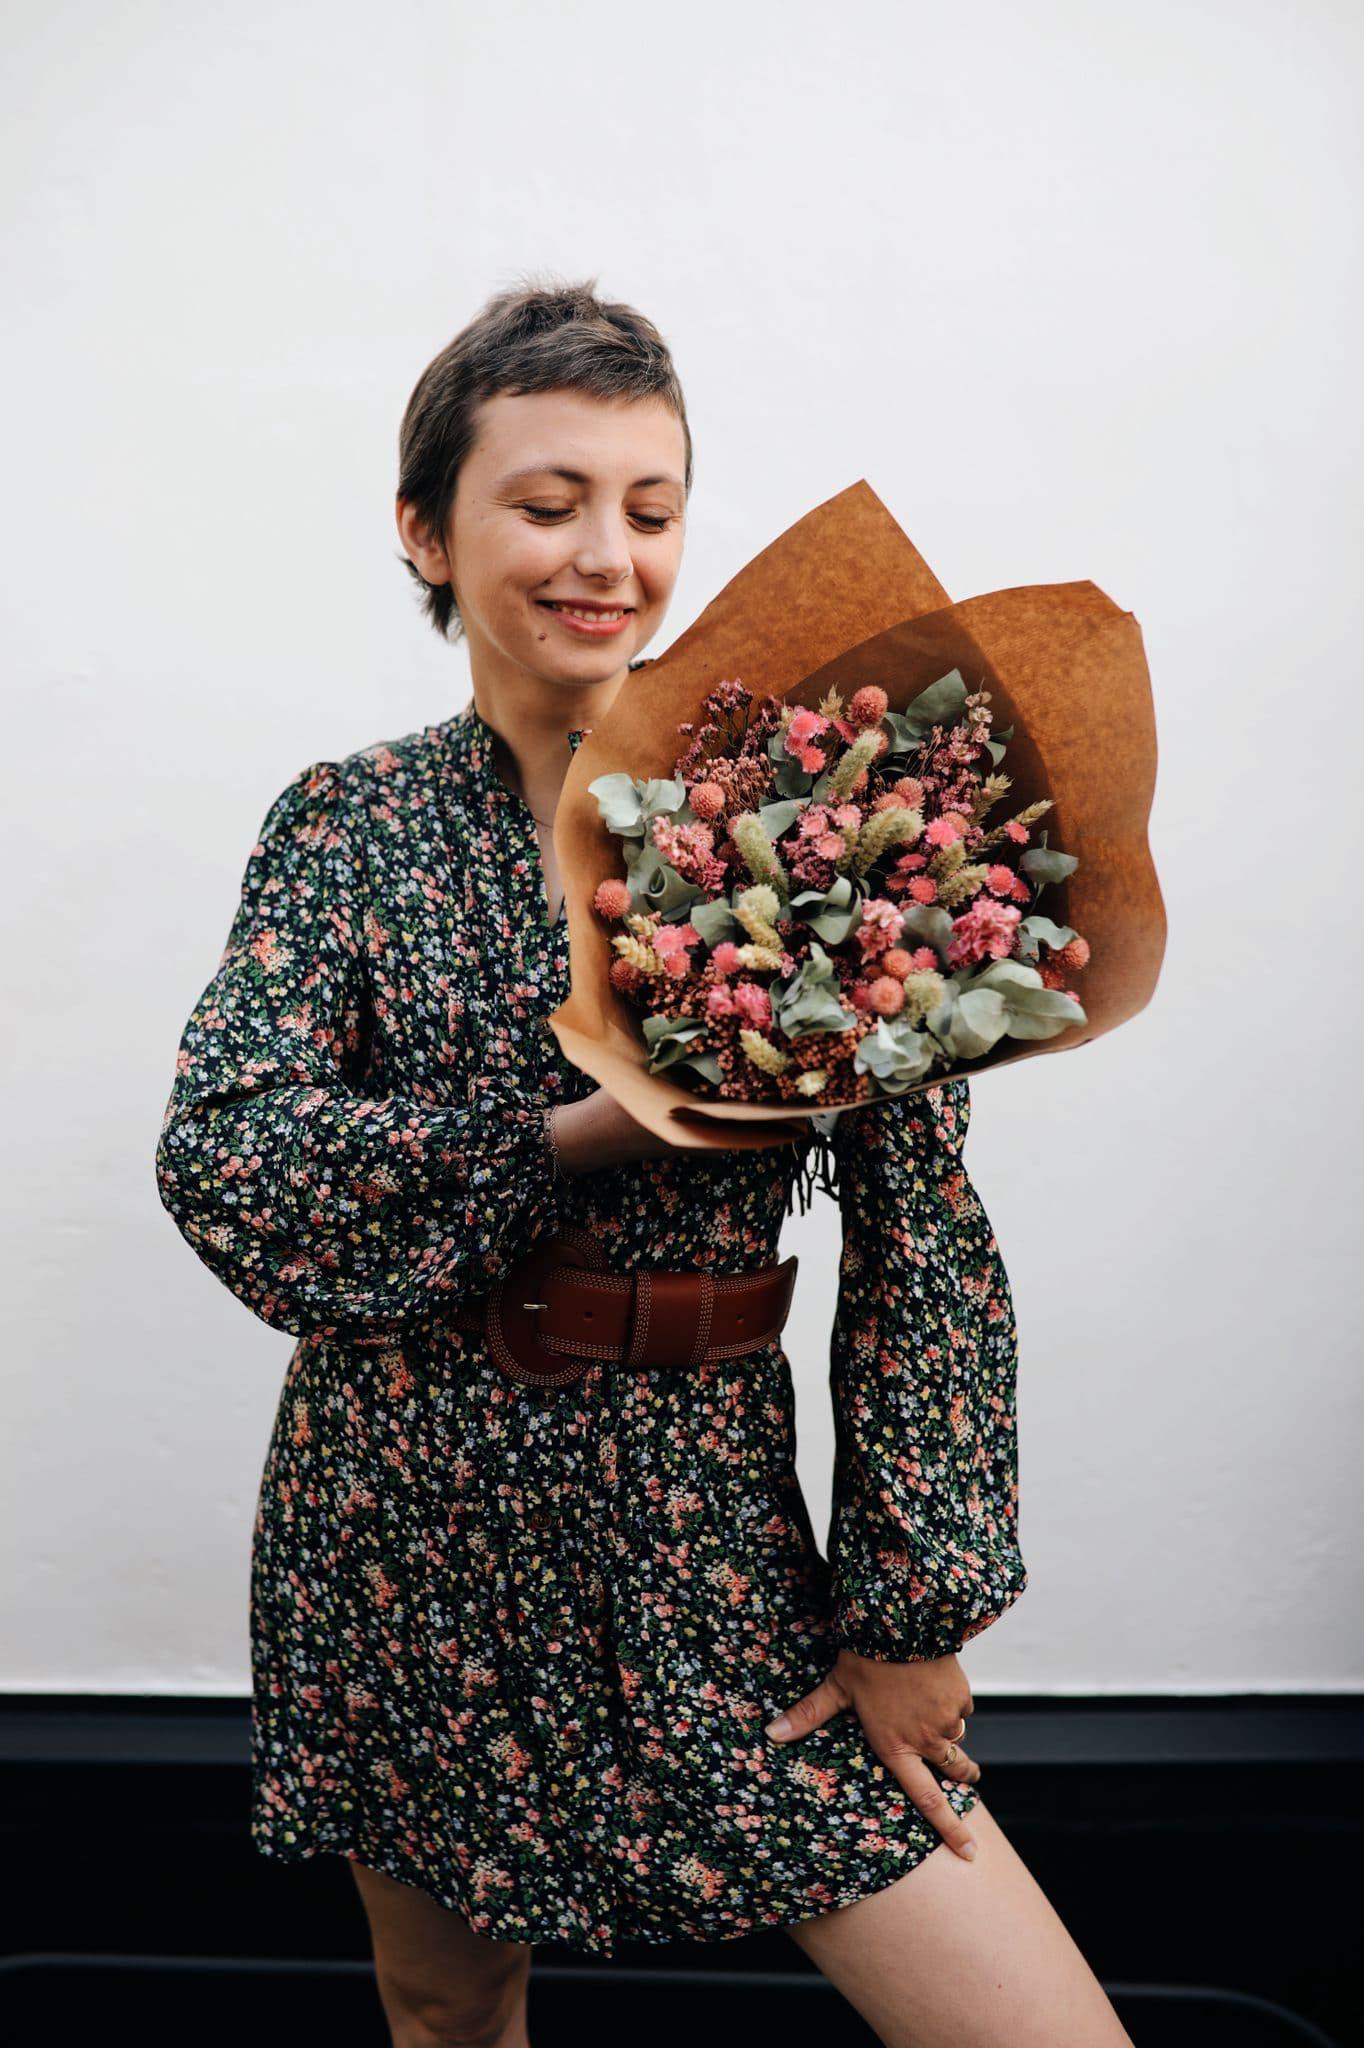 Octobre rose bouquet de fleurs séchées